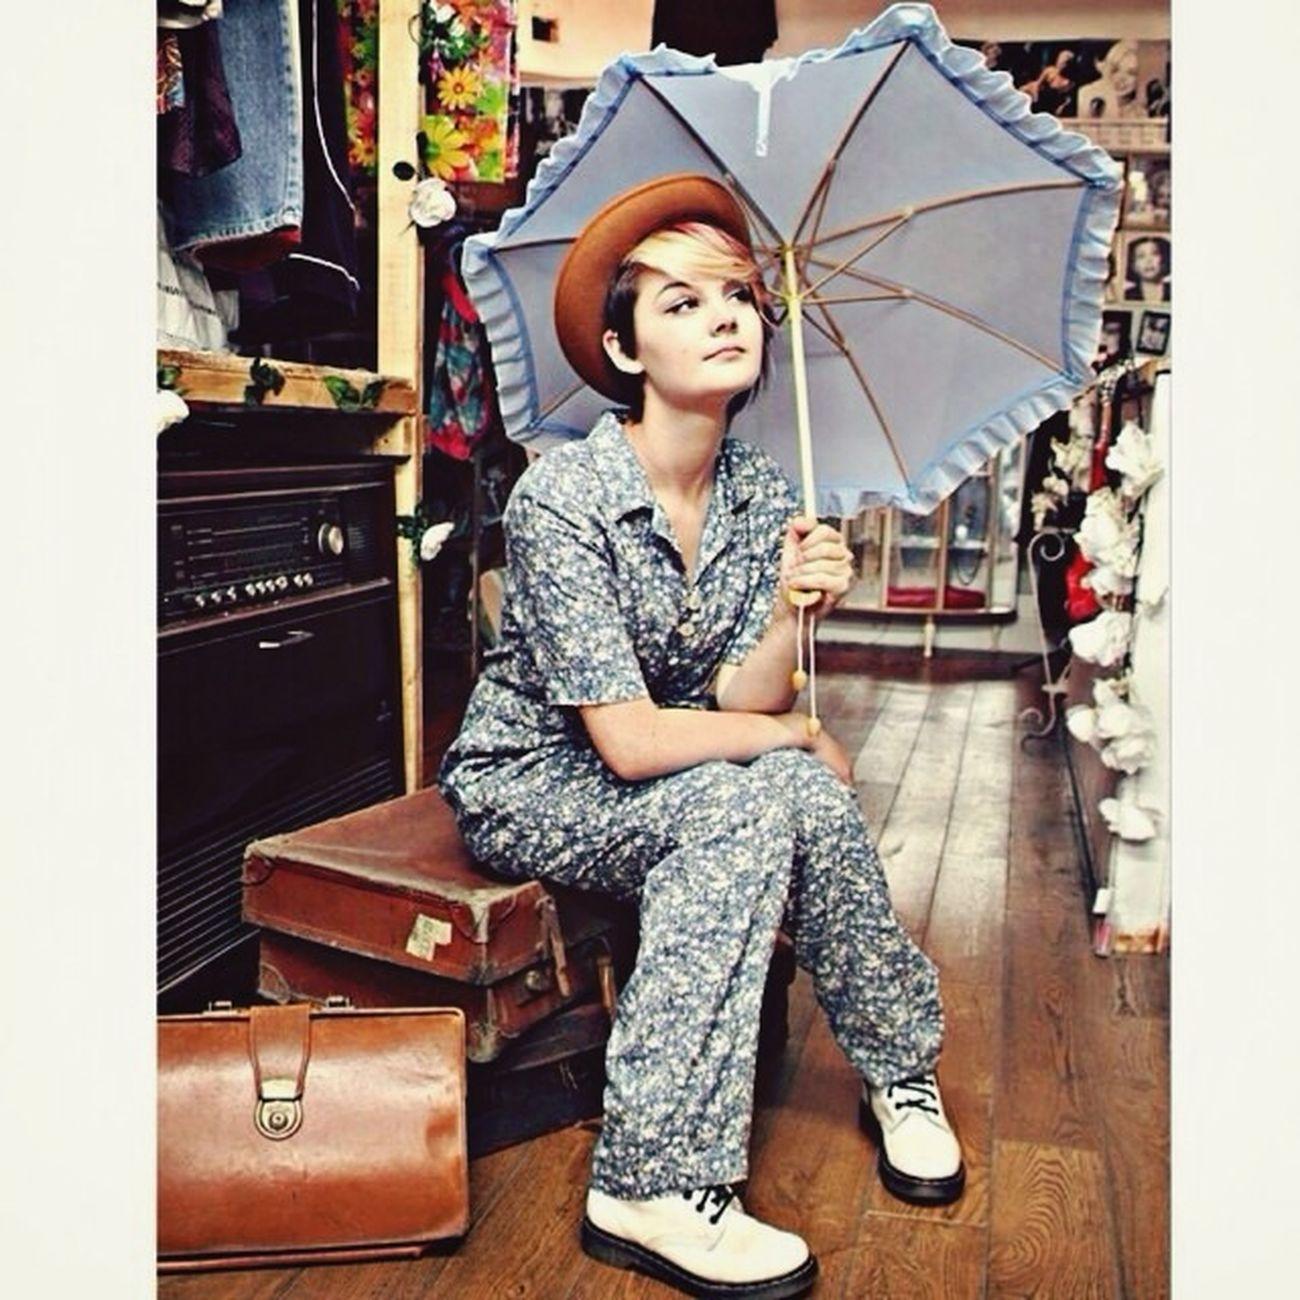 RePicture Wealth Model Vintage Girl Vintage Shoot